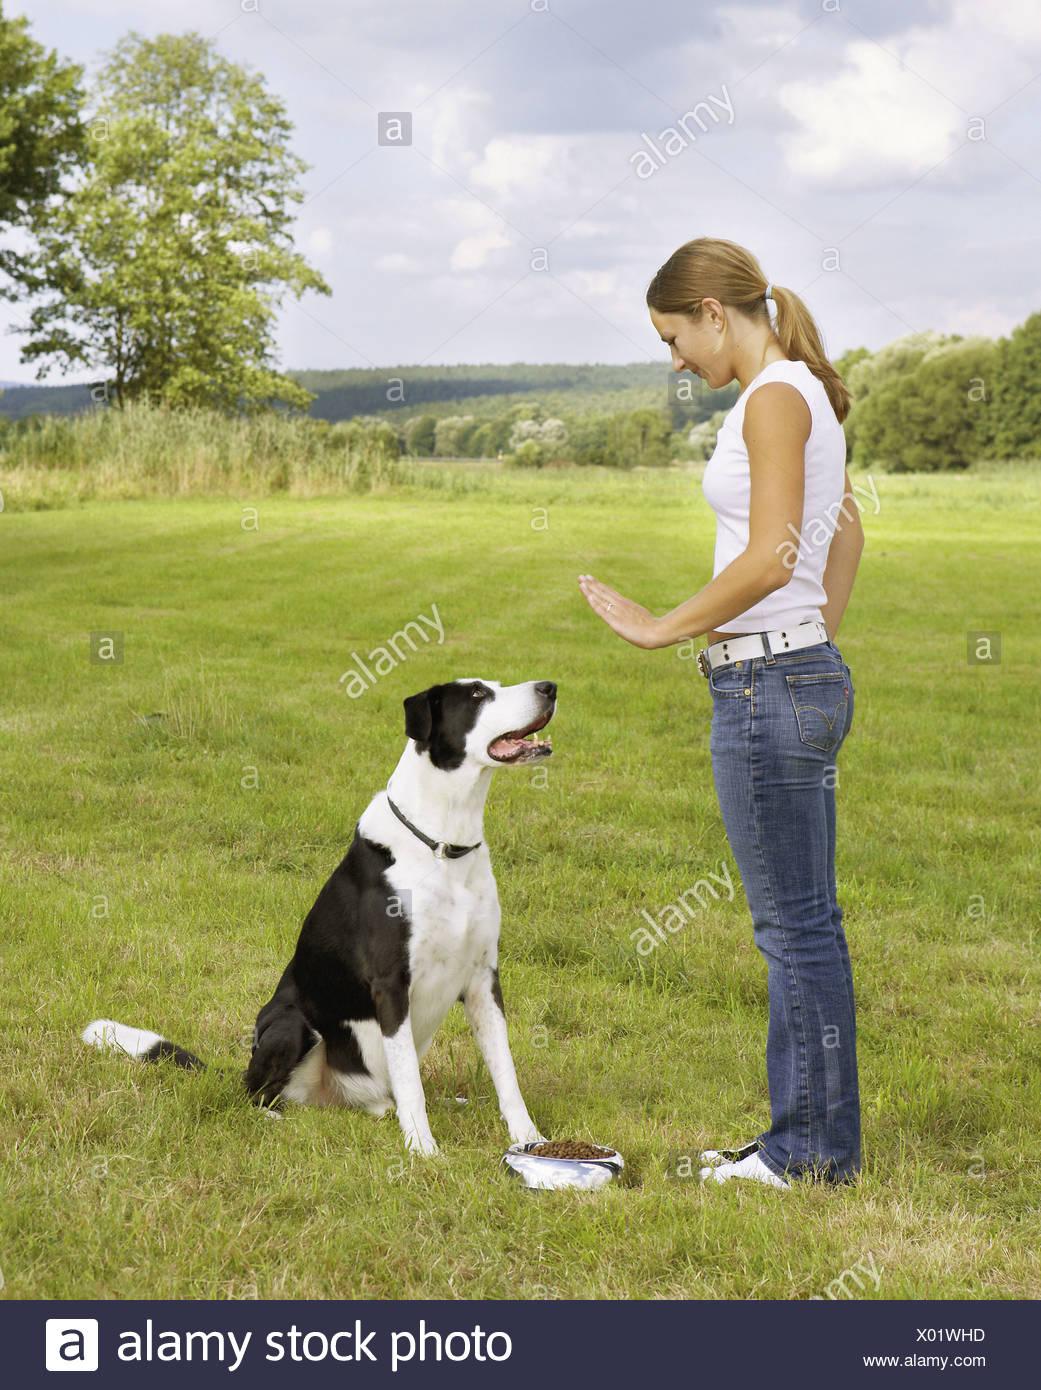 """La educación del perro : mujer con la mitad de la raza perro - """"siéntese"""" Imagen De Stock"""